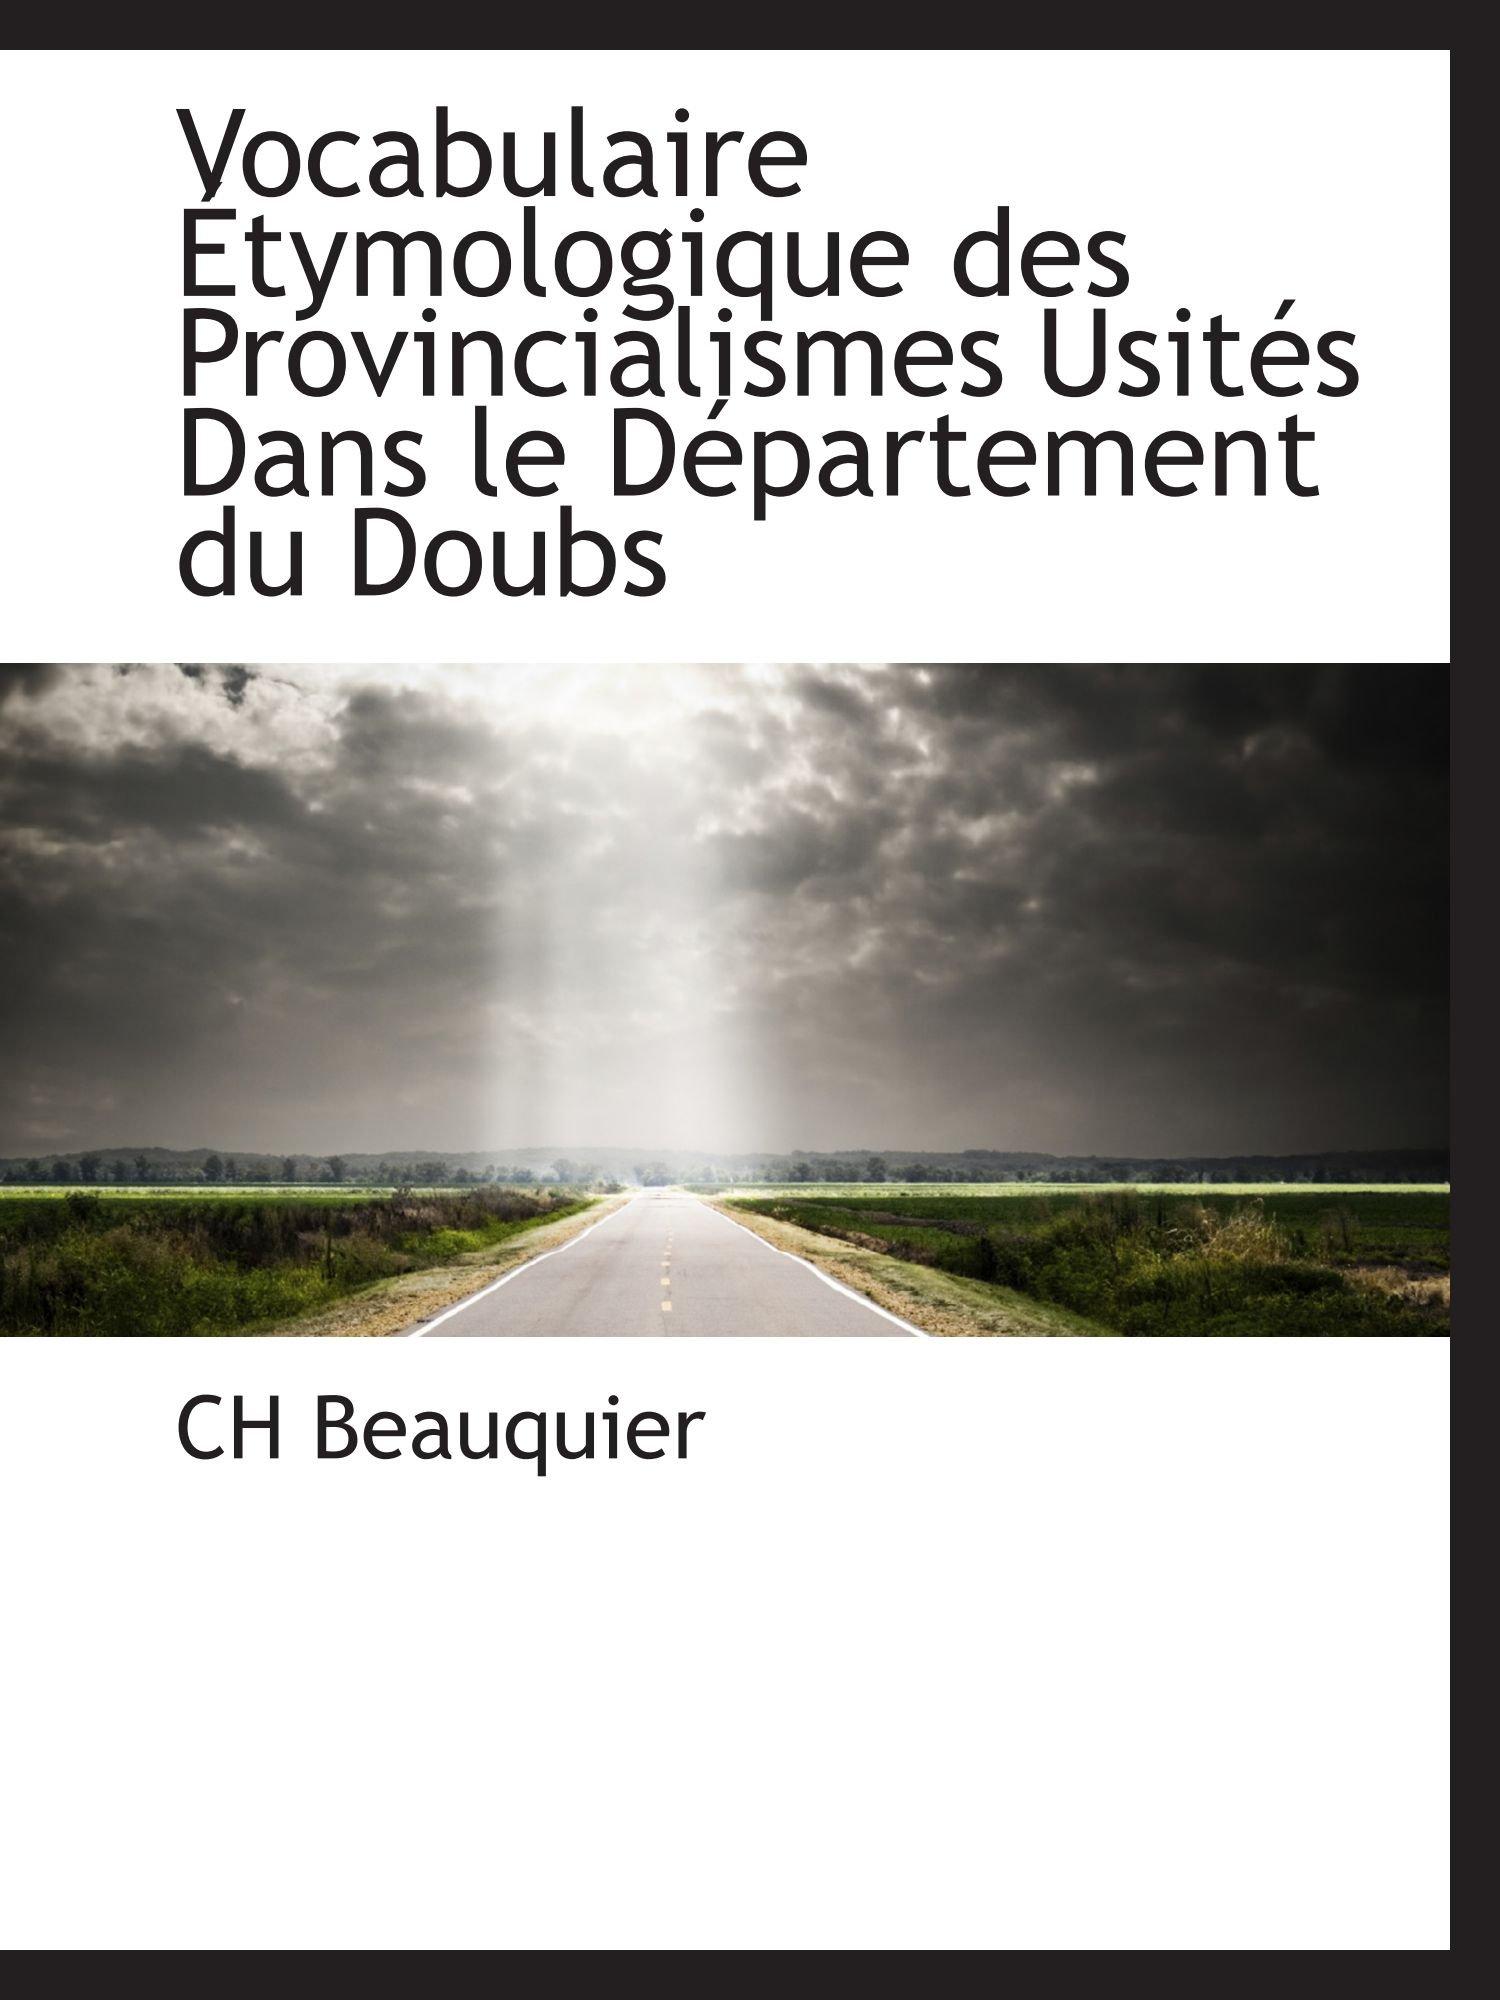 Vocabulaire Étymologique des Provincialismes Usités Dans le Département du Doubs (French Edition) PDF